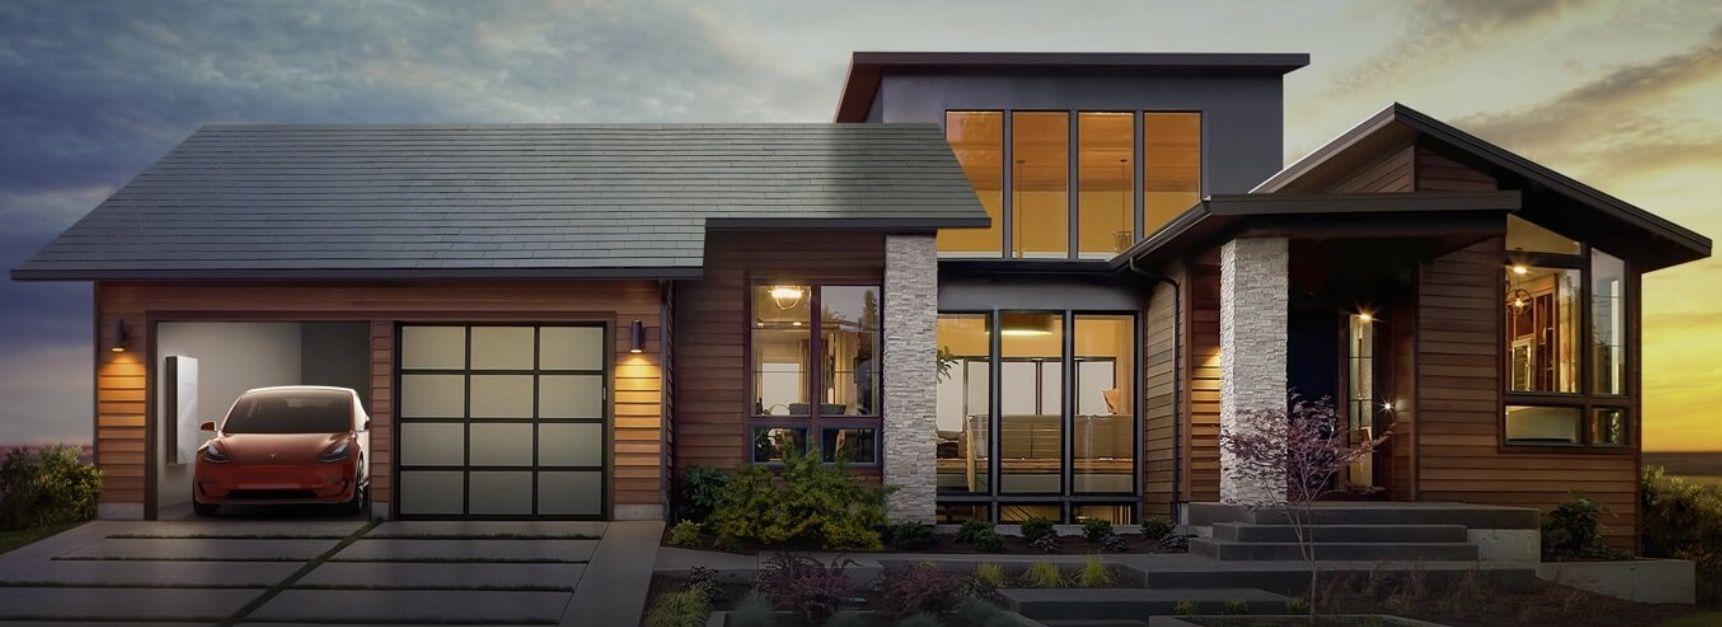 Elon Musk Zaprezentowal Swiatu Swoj Pomysl Na Dach Solarny Wyglada To Niesamowicie Glownie Dlatego Ze Prezen Solar Roof Shingles Solar Roof Tesla Solar Roof